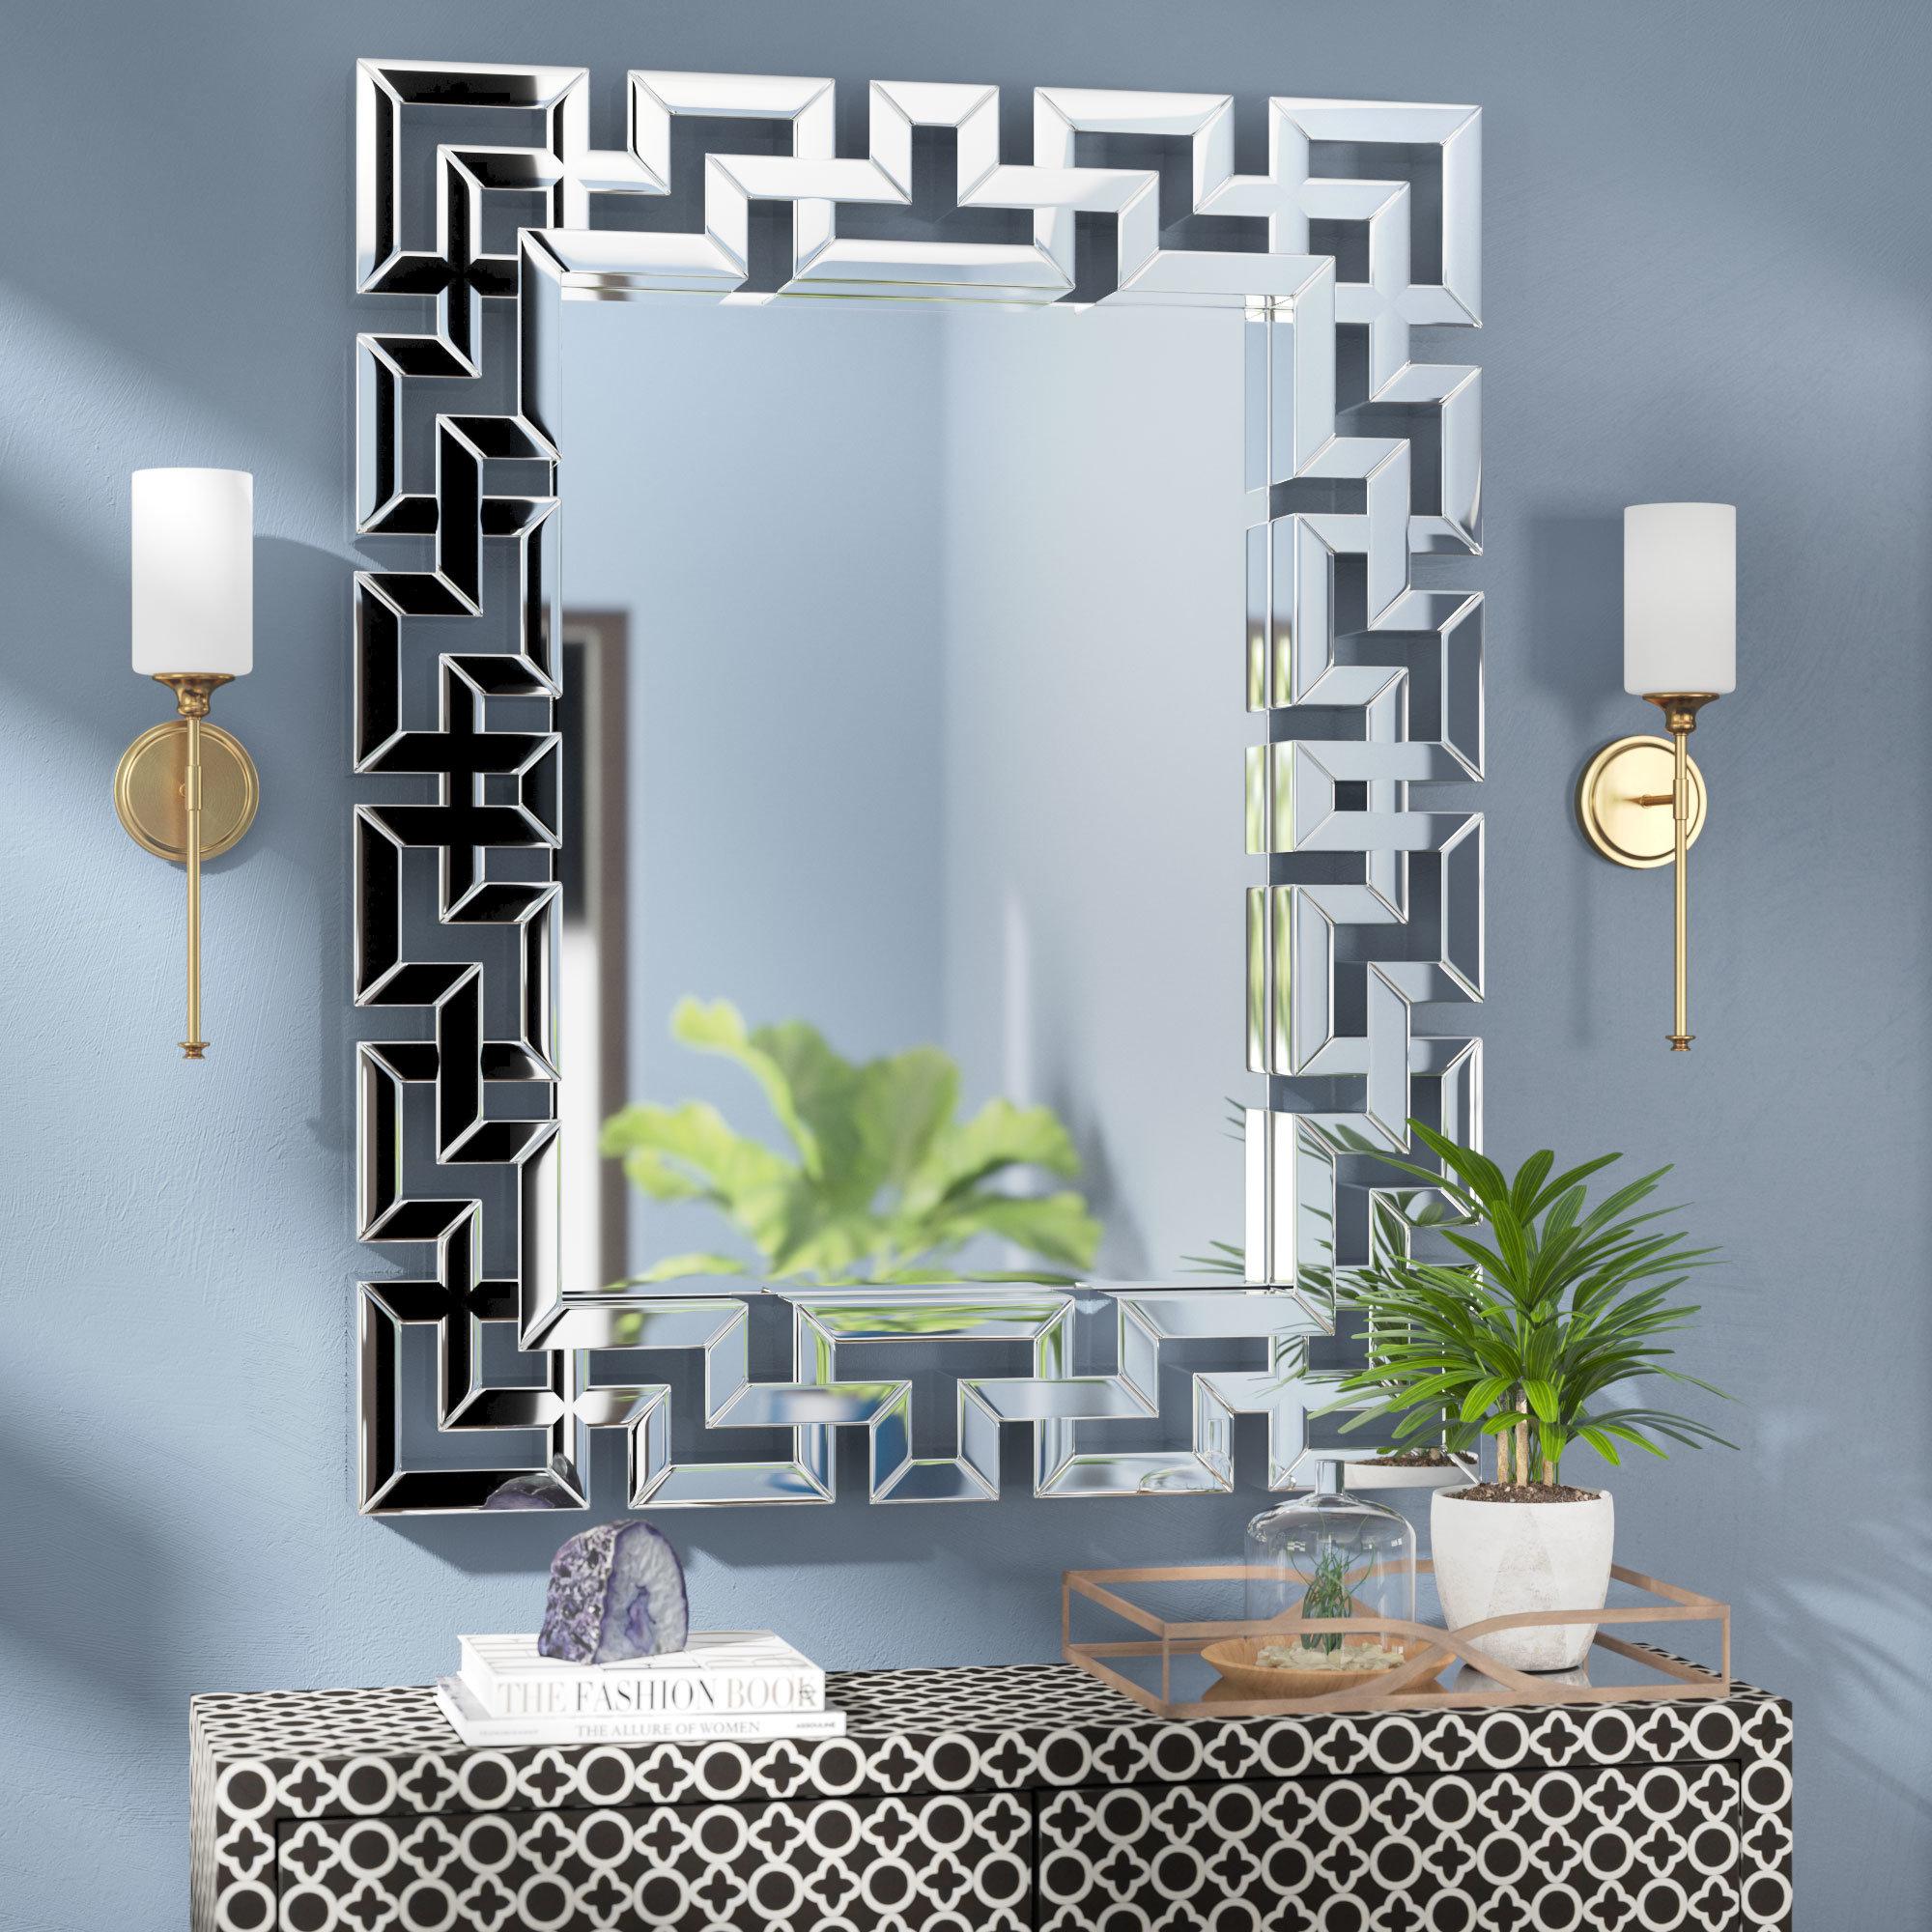 28 Inch Mirror   Wayfair Pertaining To Janie Rectangular Wall Mirrors (Image 1 of 20)